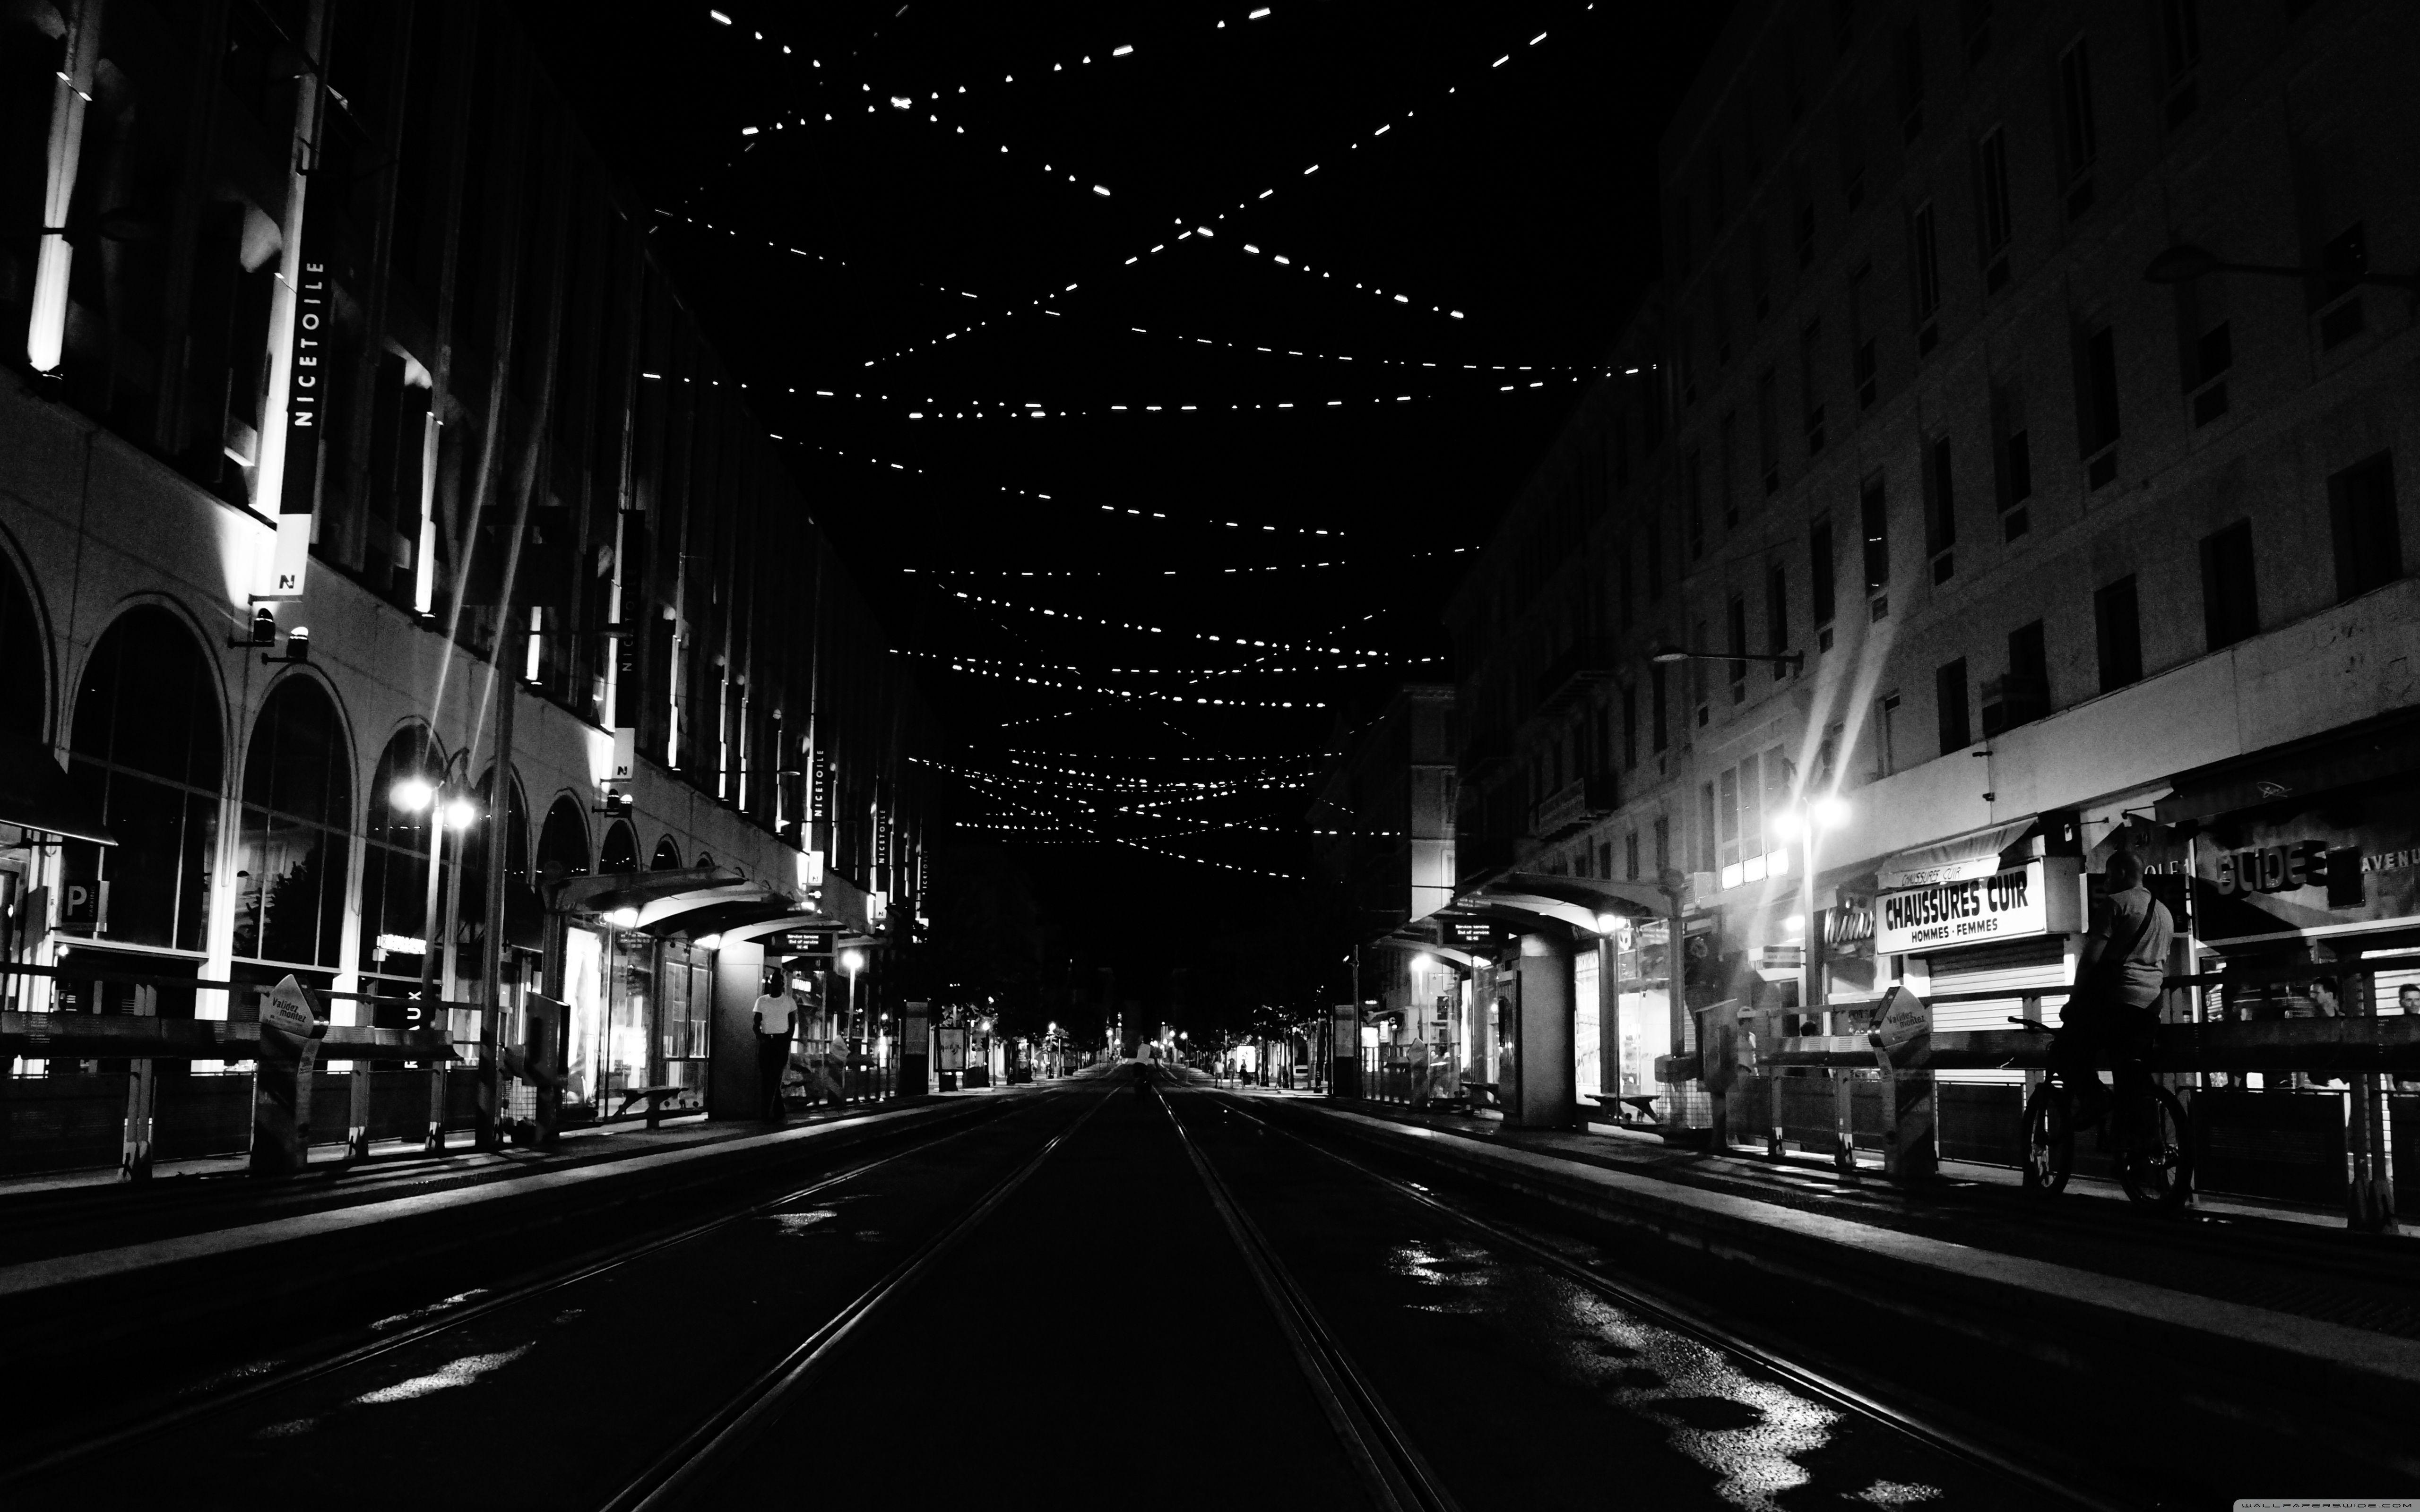 Big City At Night Wallpaper